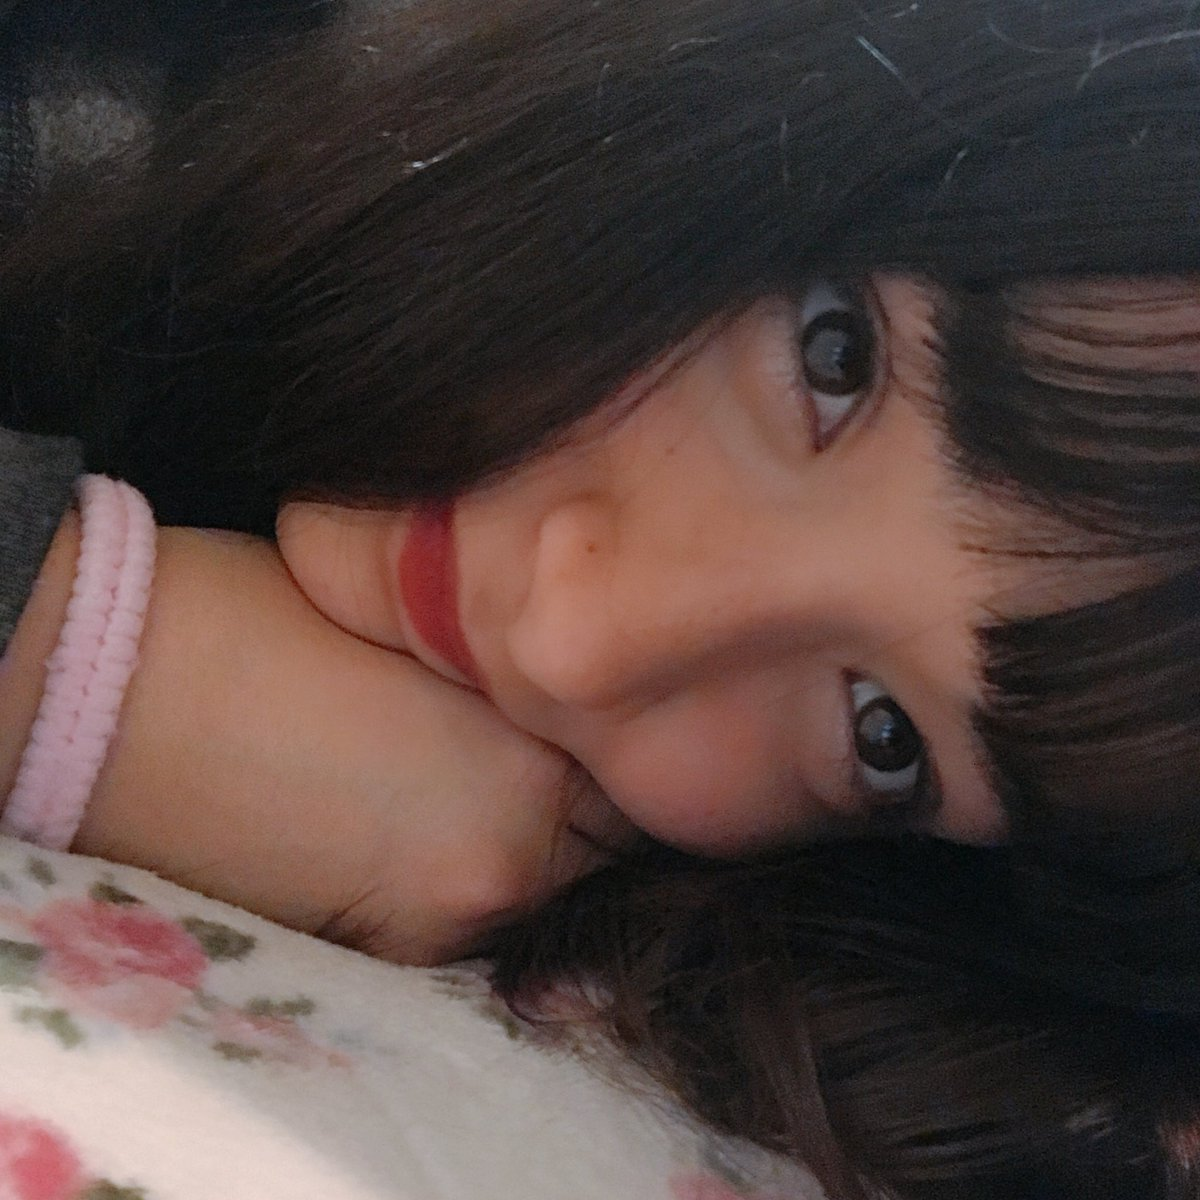 エリカ・マリナ姉妹 画像 006